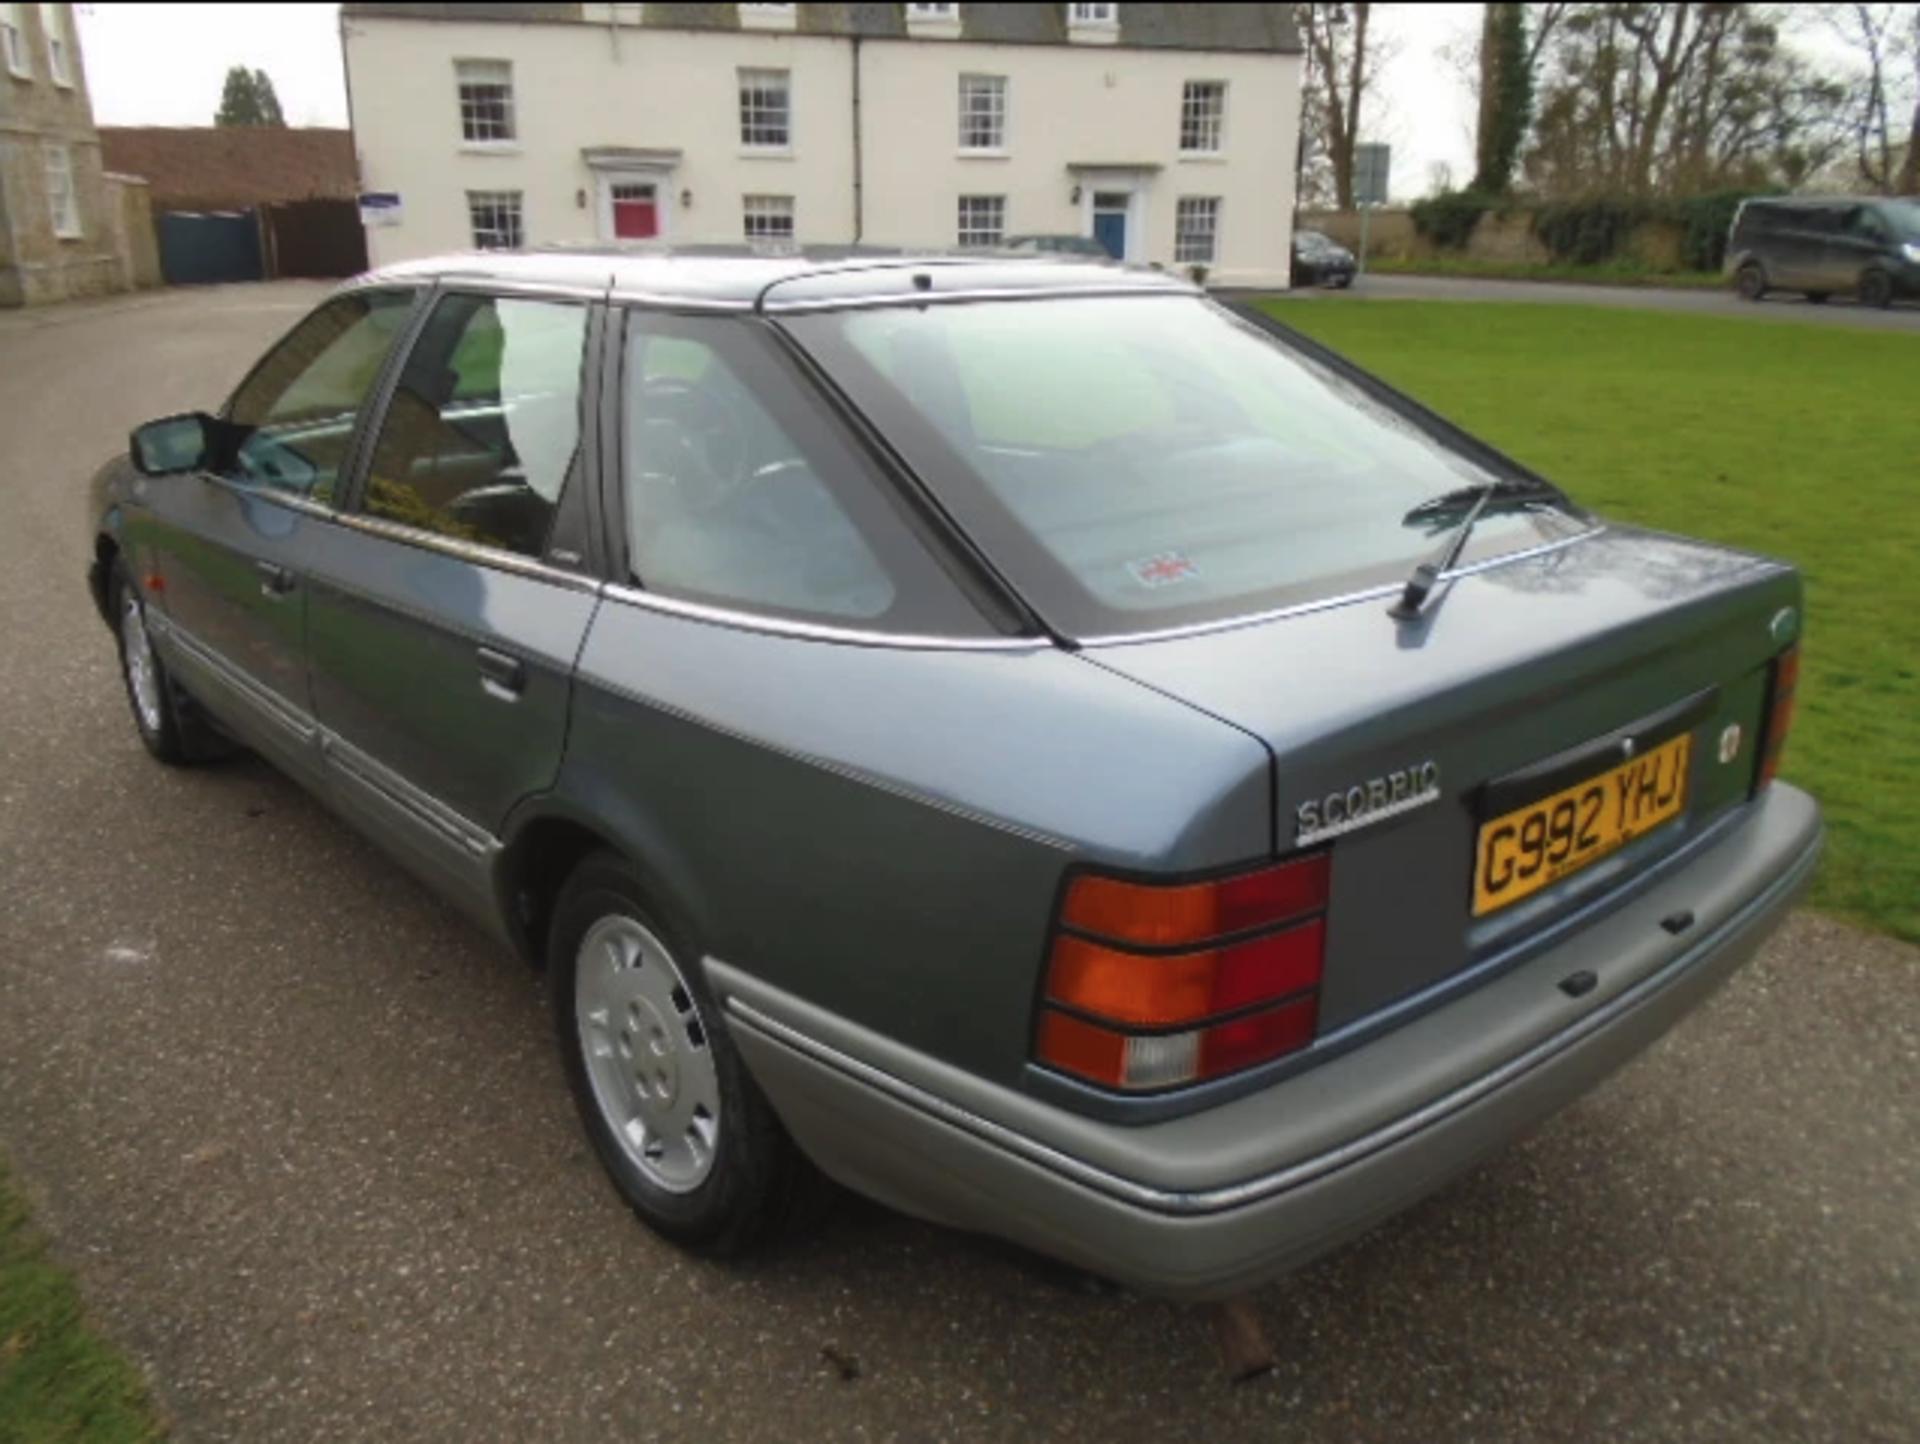 1989 Ford Granada Scorpio 2.9L V6 - Image 4 of 5